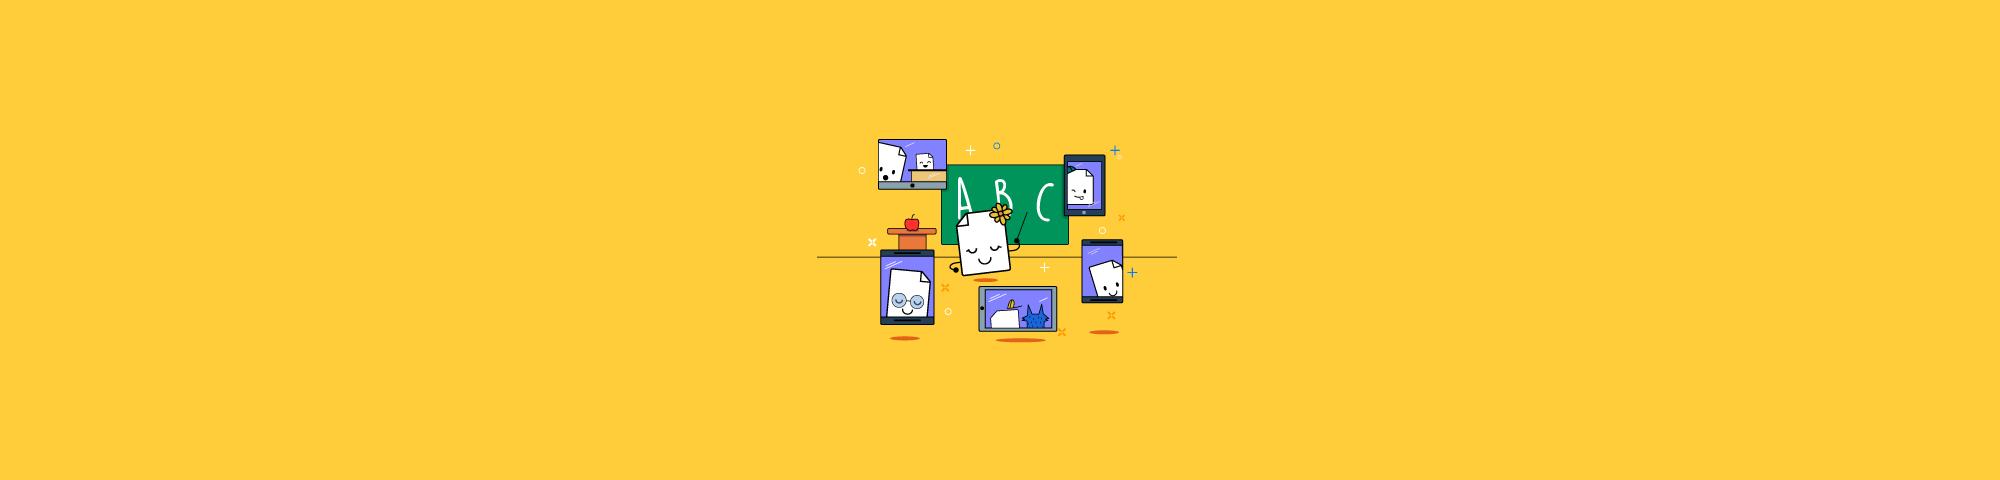 formatos-de-imagen-para-diseño-gráfico-blog-banner